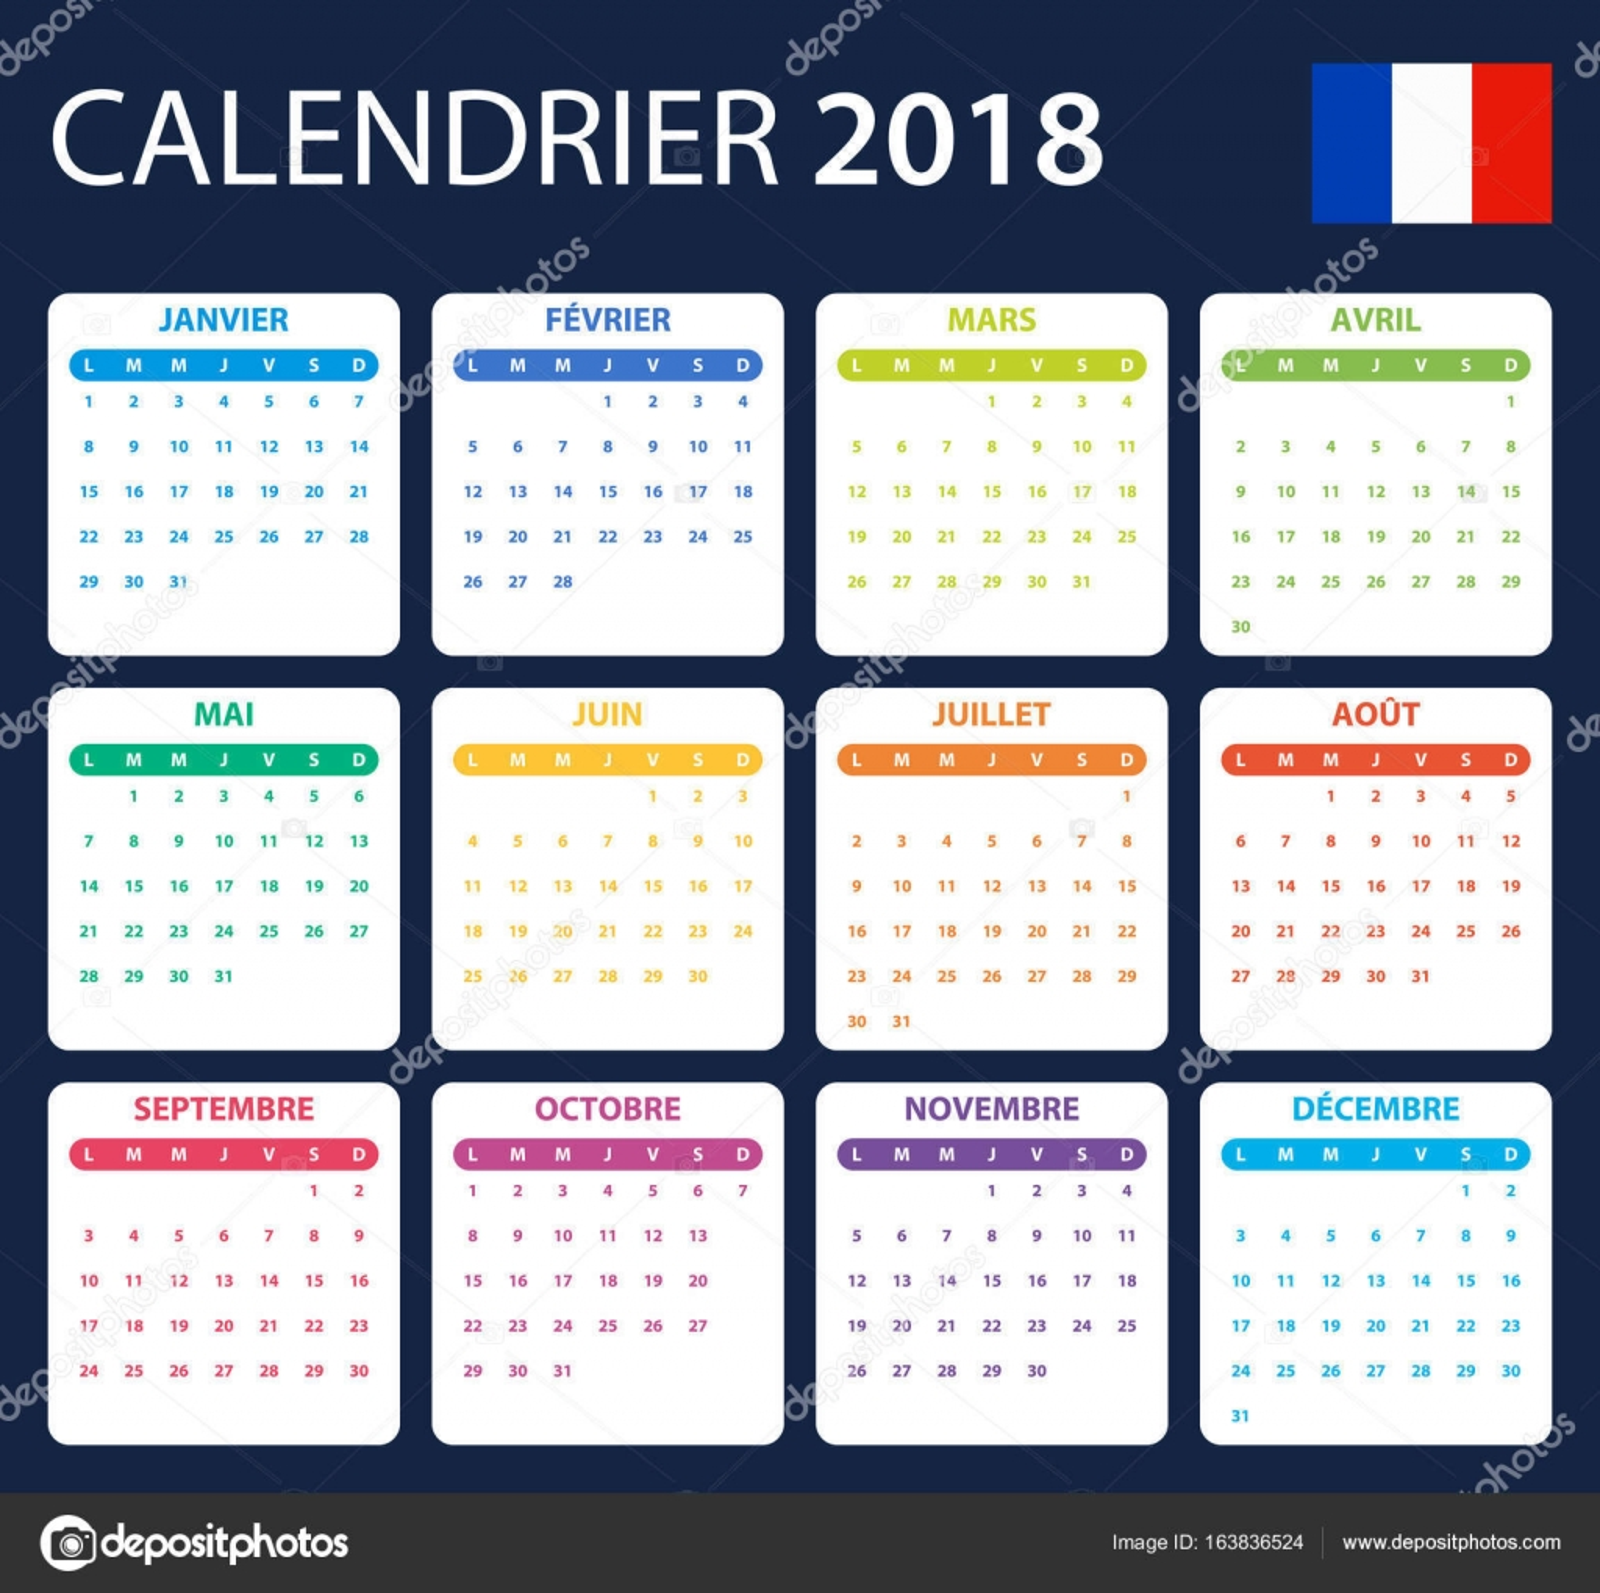 Calendario Frances.Calendario Frances Para 2018 Modelo De Agendador Agenda Ou